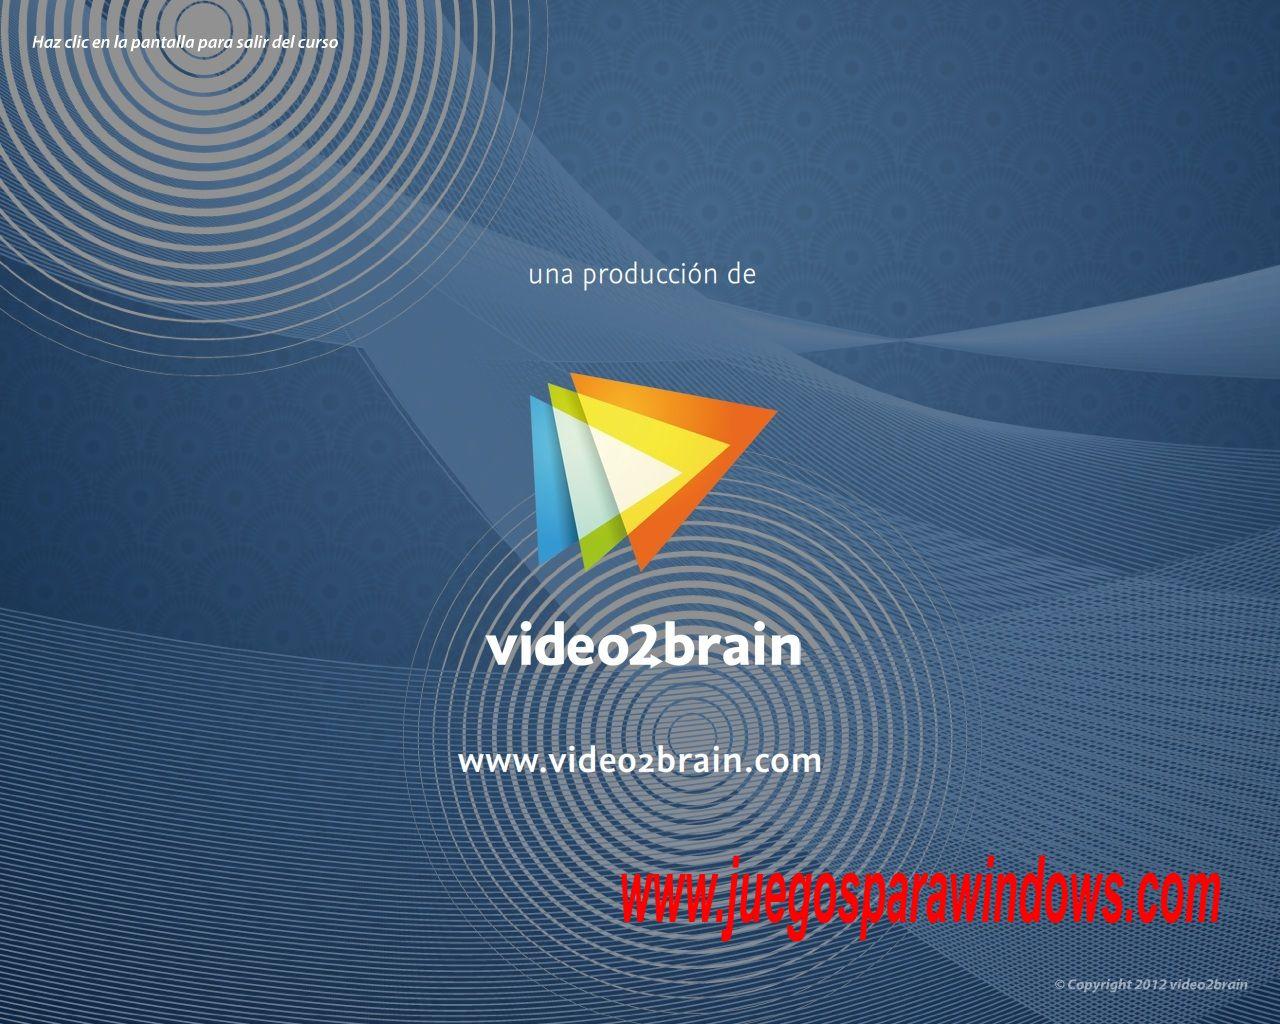 video2brain novedades de adobe photoshop cs6 descargar curso mediafire